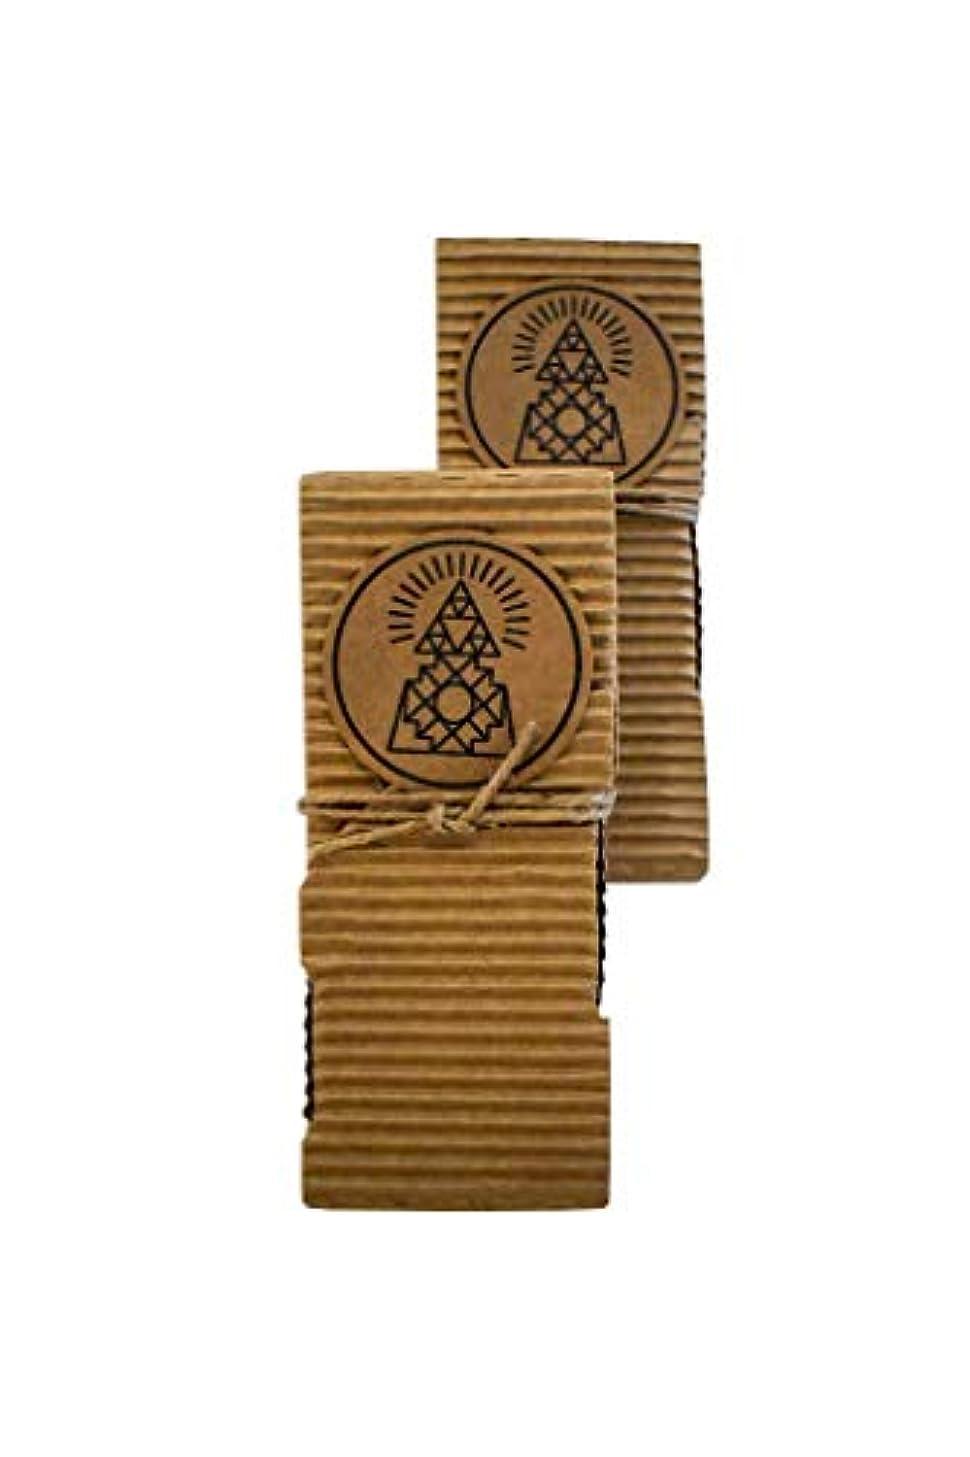 競ううねる最も早いArtisanal Breu樹脂 – Palo SantoブレンドIncense Sticks